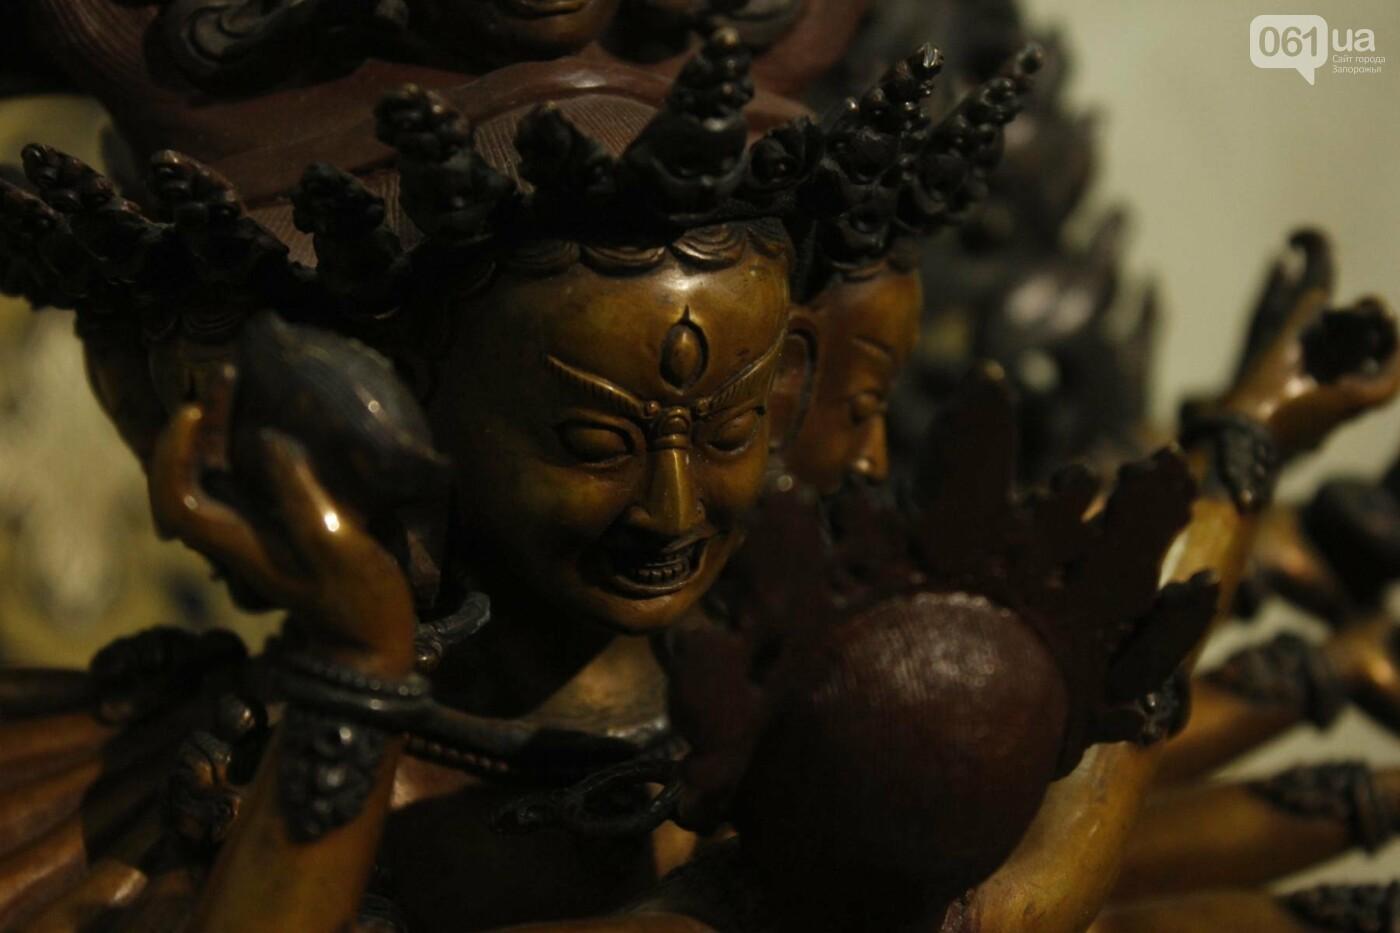 """В Запорожье выставка """"Сокровища Тибета"""" открыла Дни буддийской культуры, - ФОТОРЕПОРТАЖ, фото-24"""